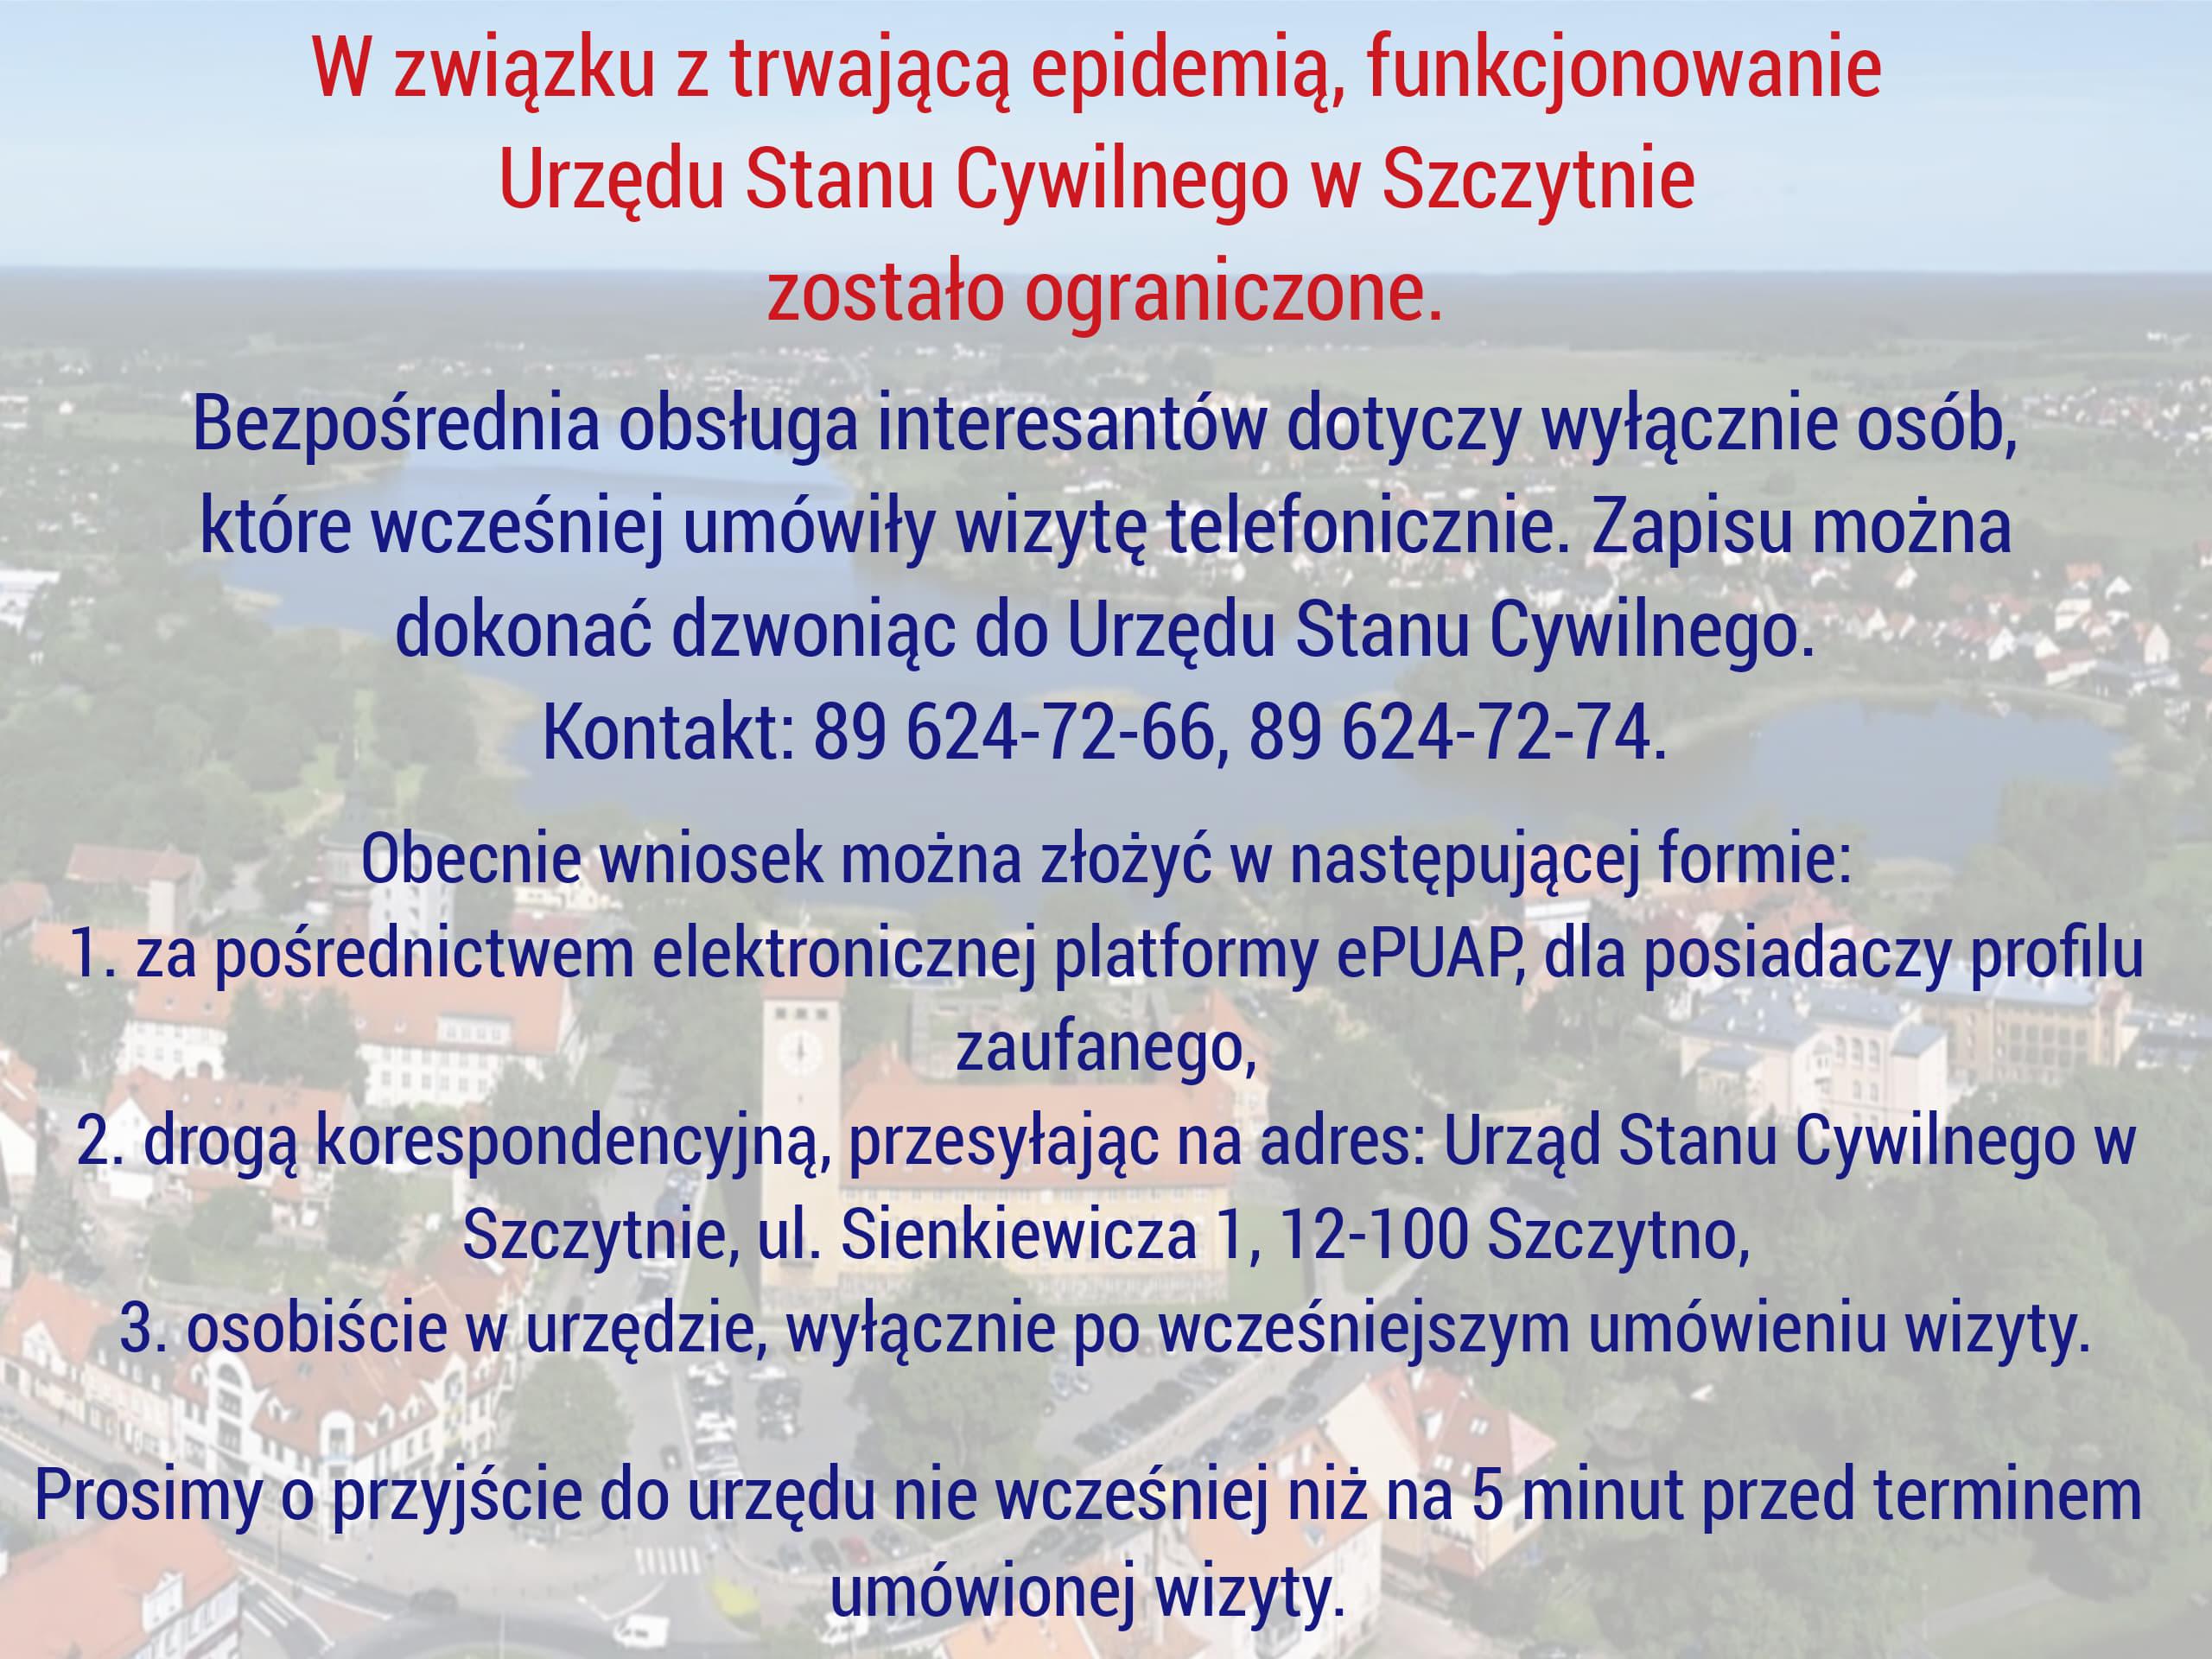 https://m.powiatszczycienski.pl/2020/10/orig/122392193-2092830547507192-1642067573388174922-n-35444.jpg